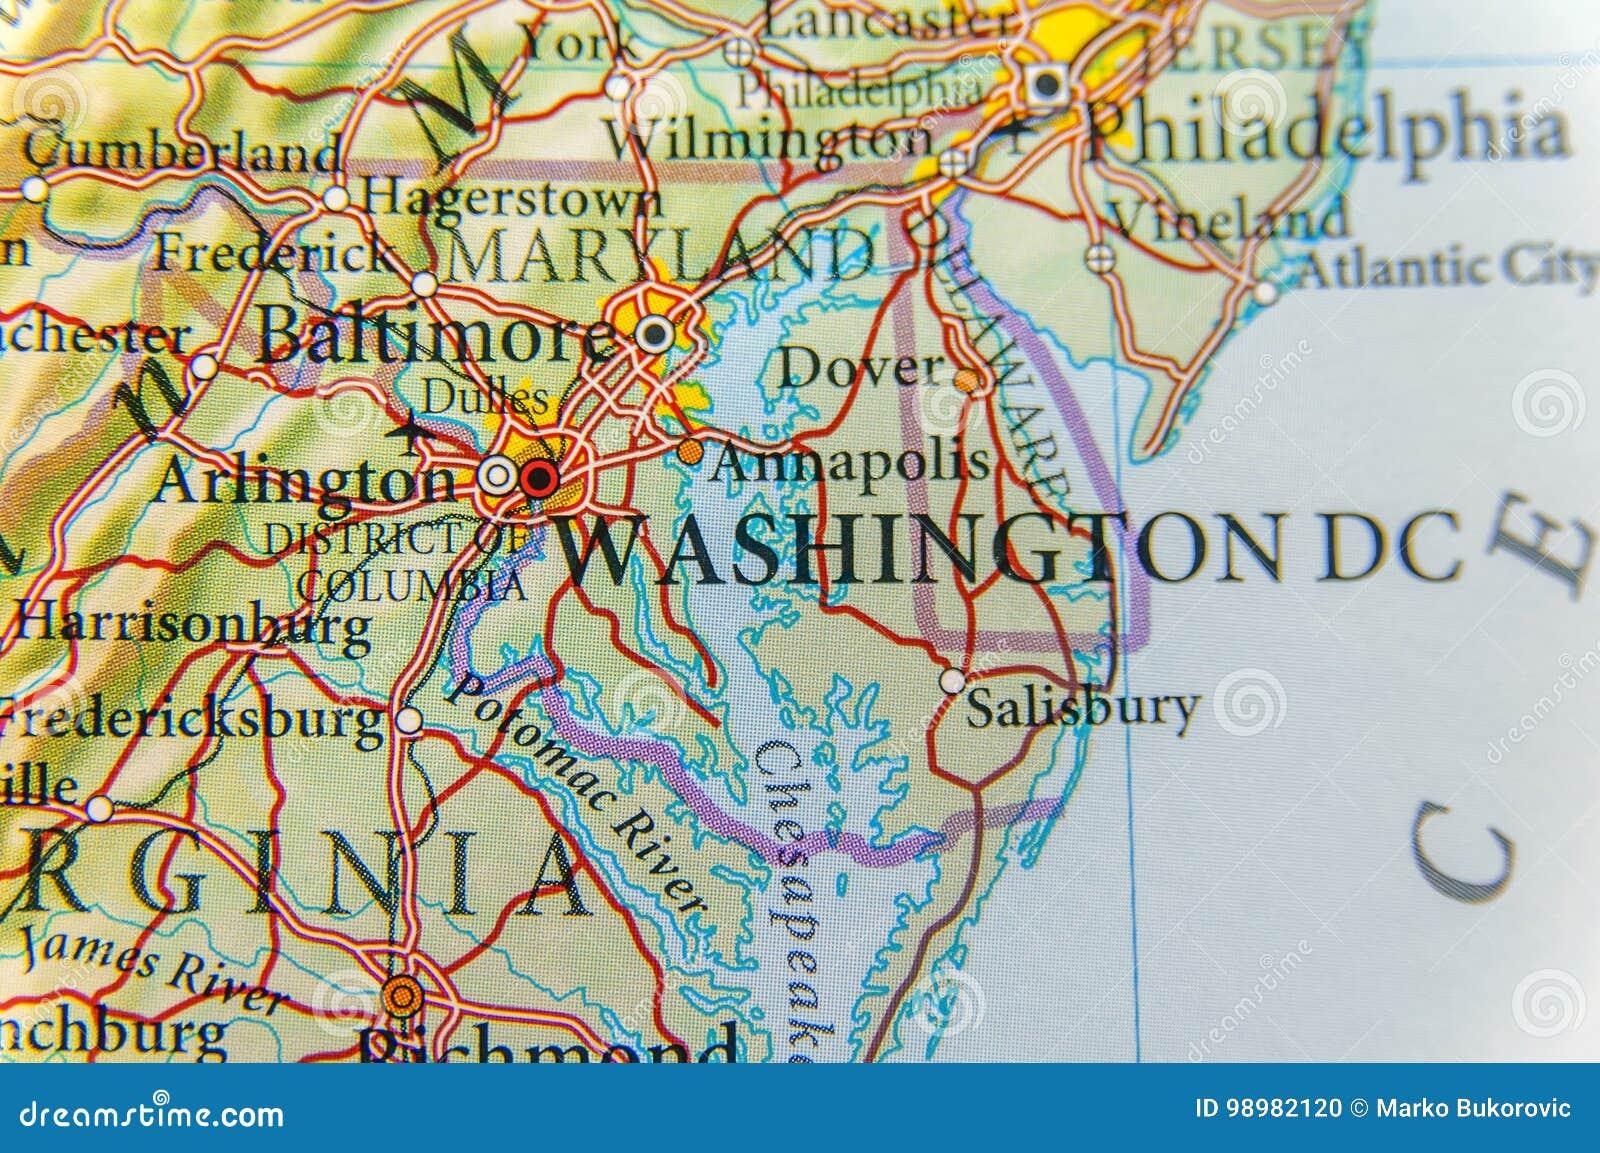 Washington Dc Karte.Geographische Karte Des Washington Dc Abschlusses Stockfoto Bild